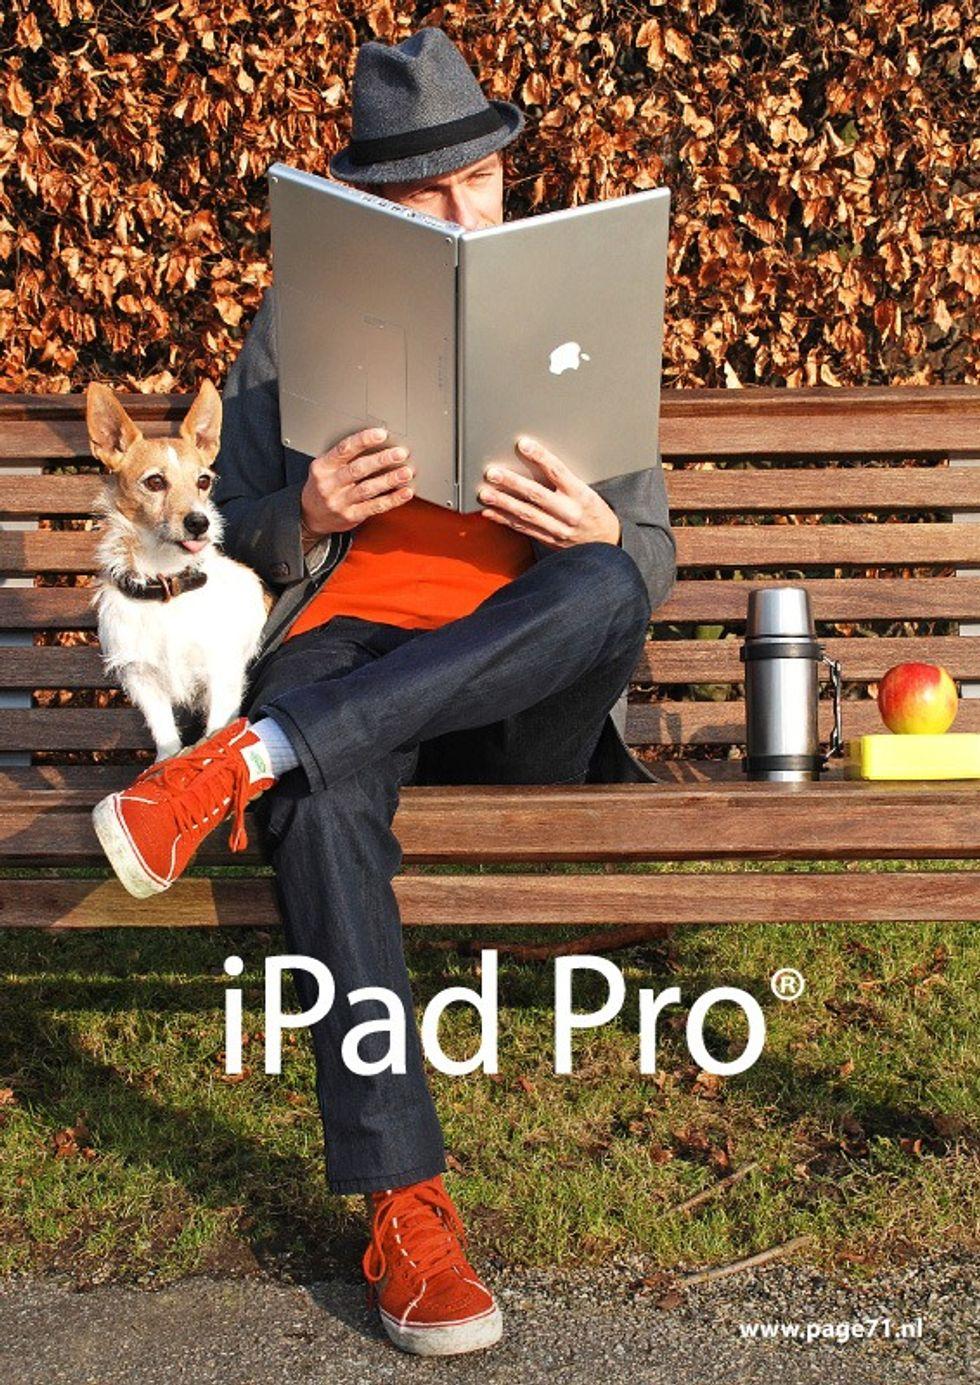 iPad Pro sarà la risposta di Apple al Surface Pro 3